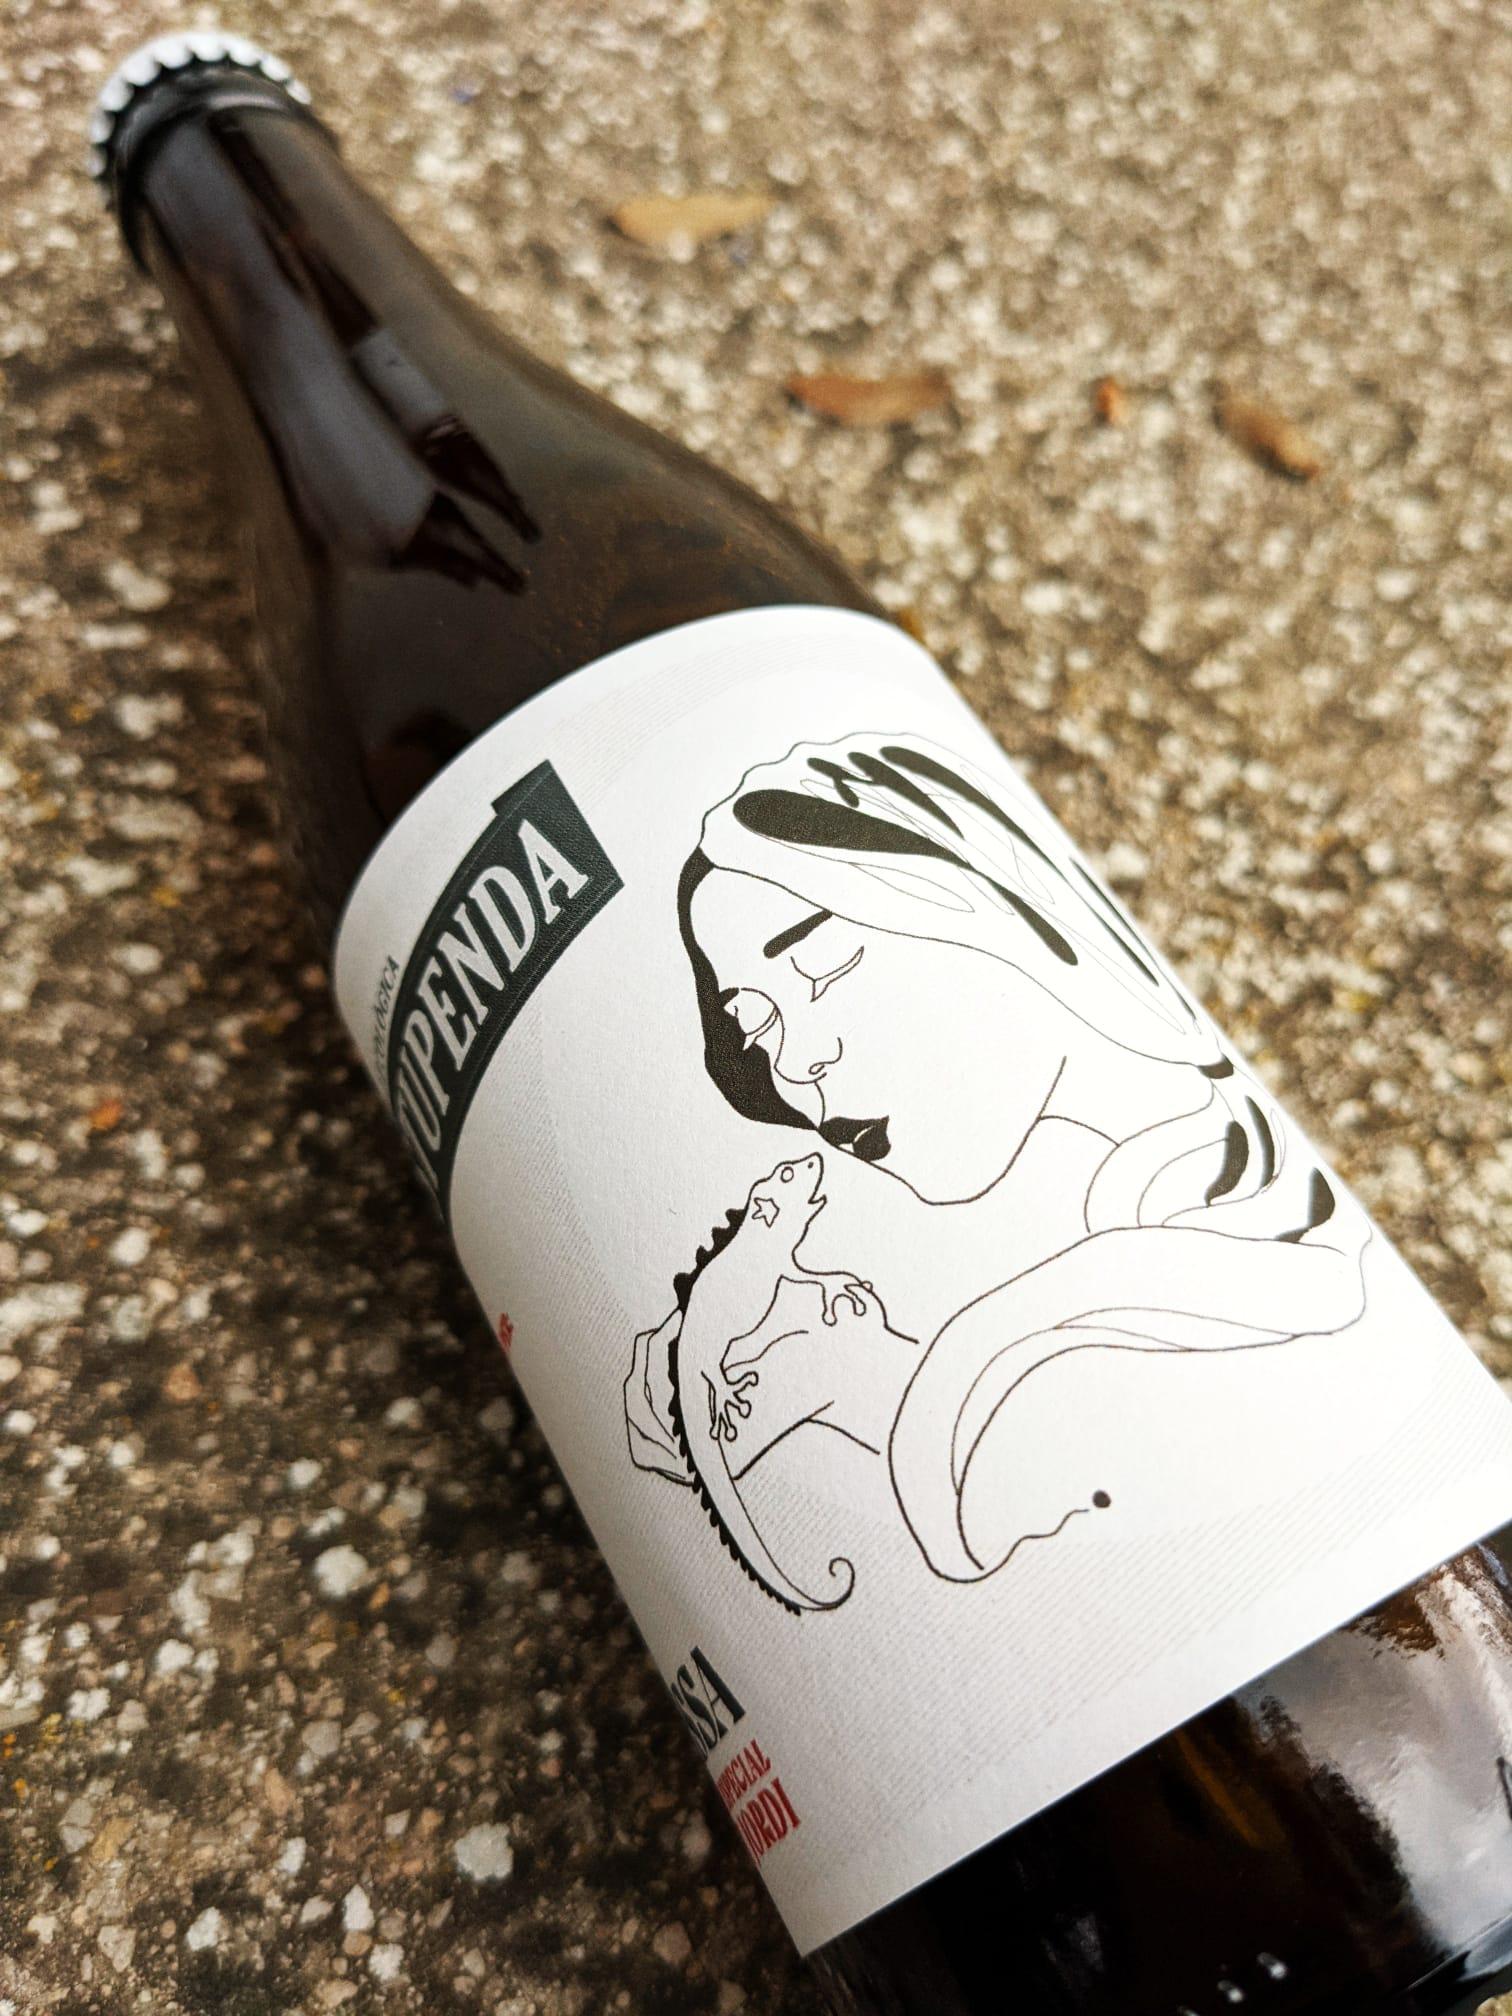 Cervesa artesana l'estupenda colecció sant jordi 2021 6